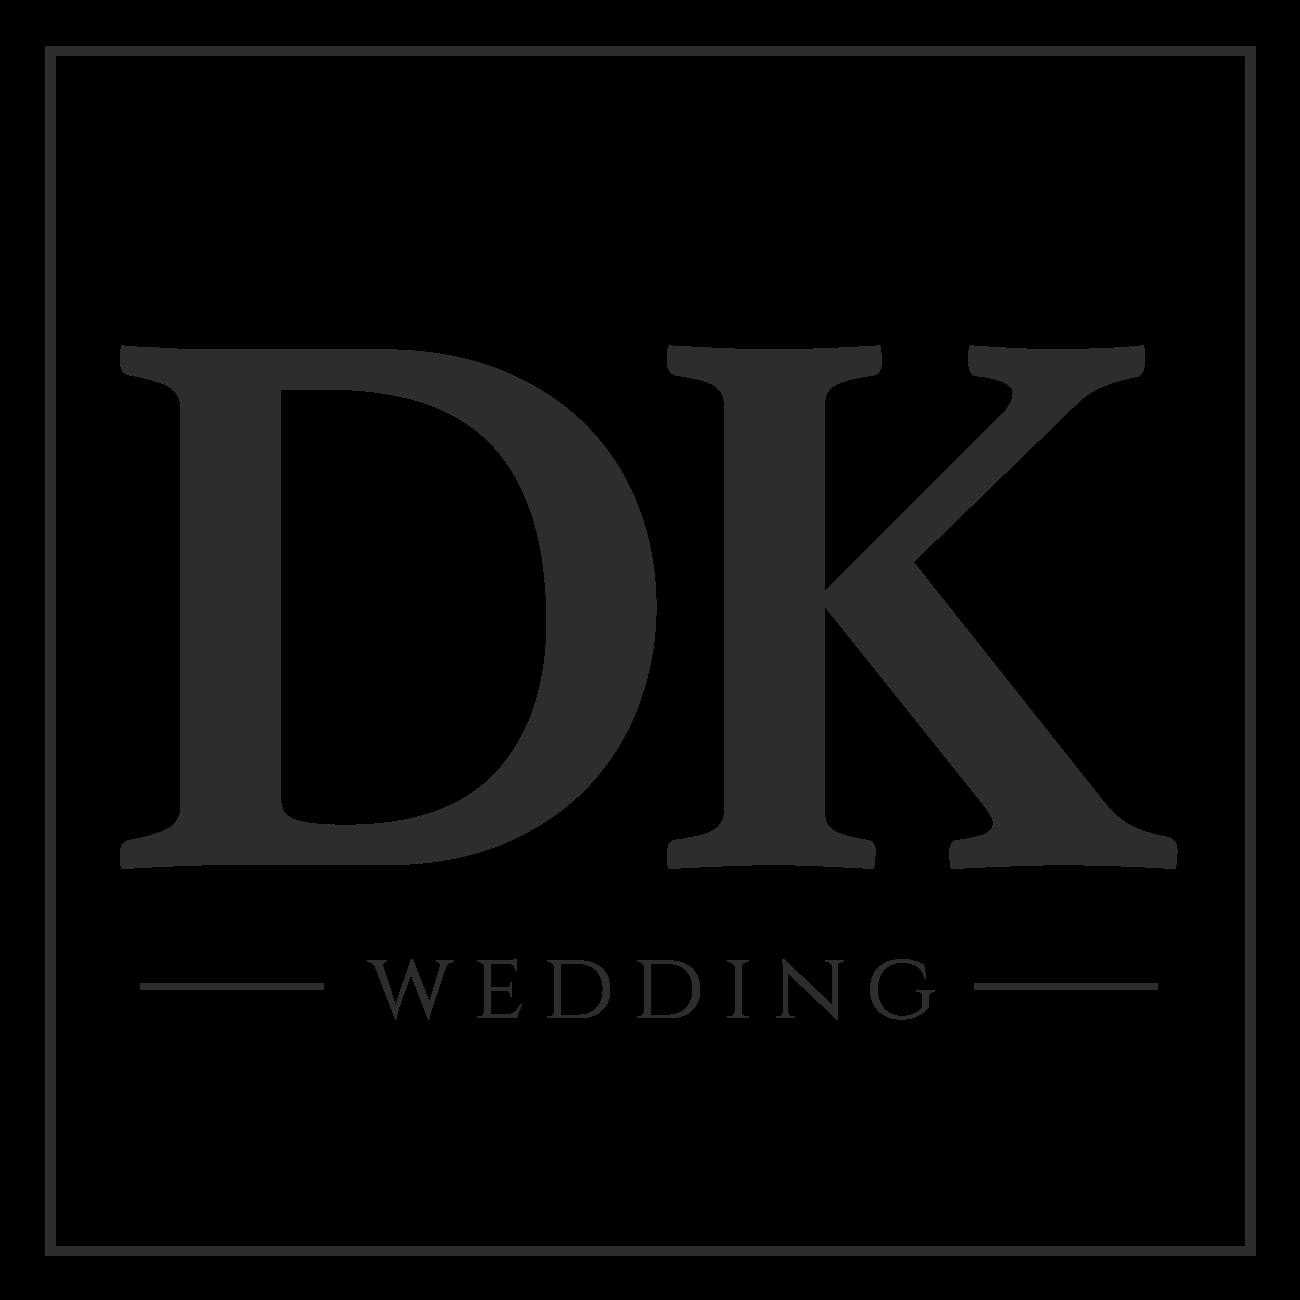 DK Wedding